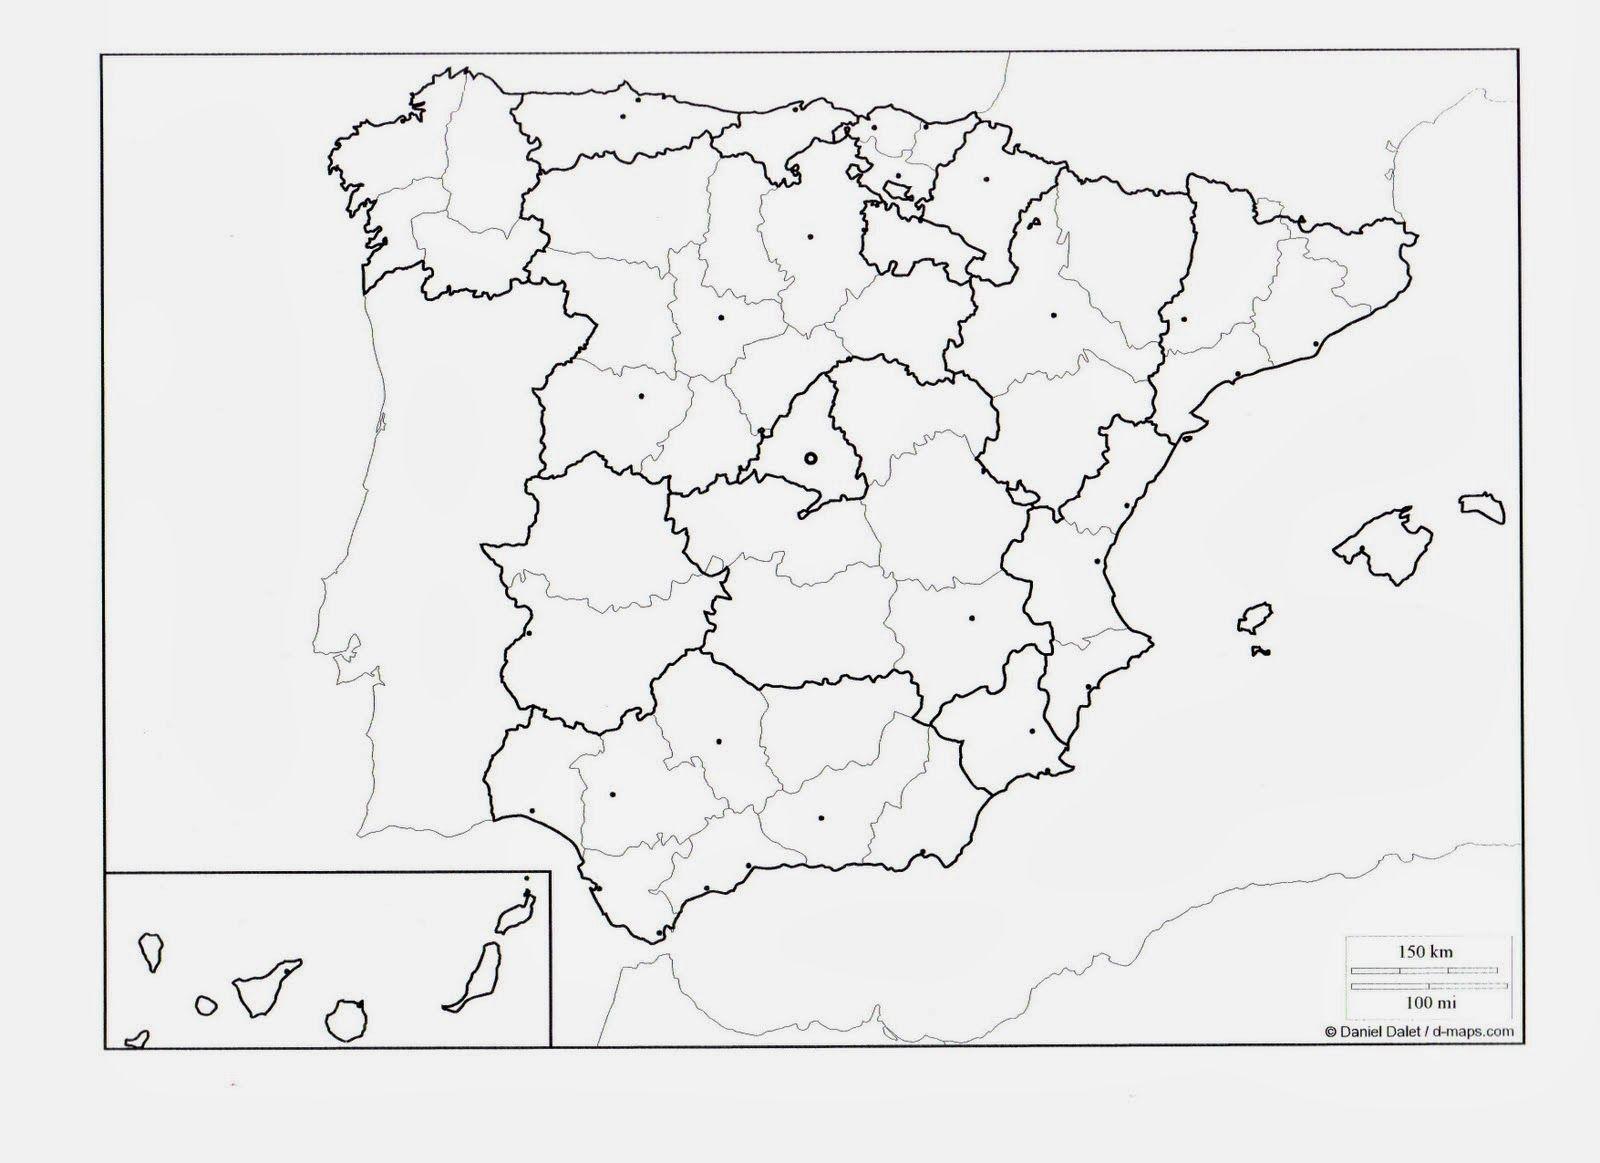 Mapa Politico De España Para Rellenar Mapas Mapa De España Mapa Politico